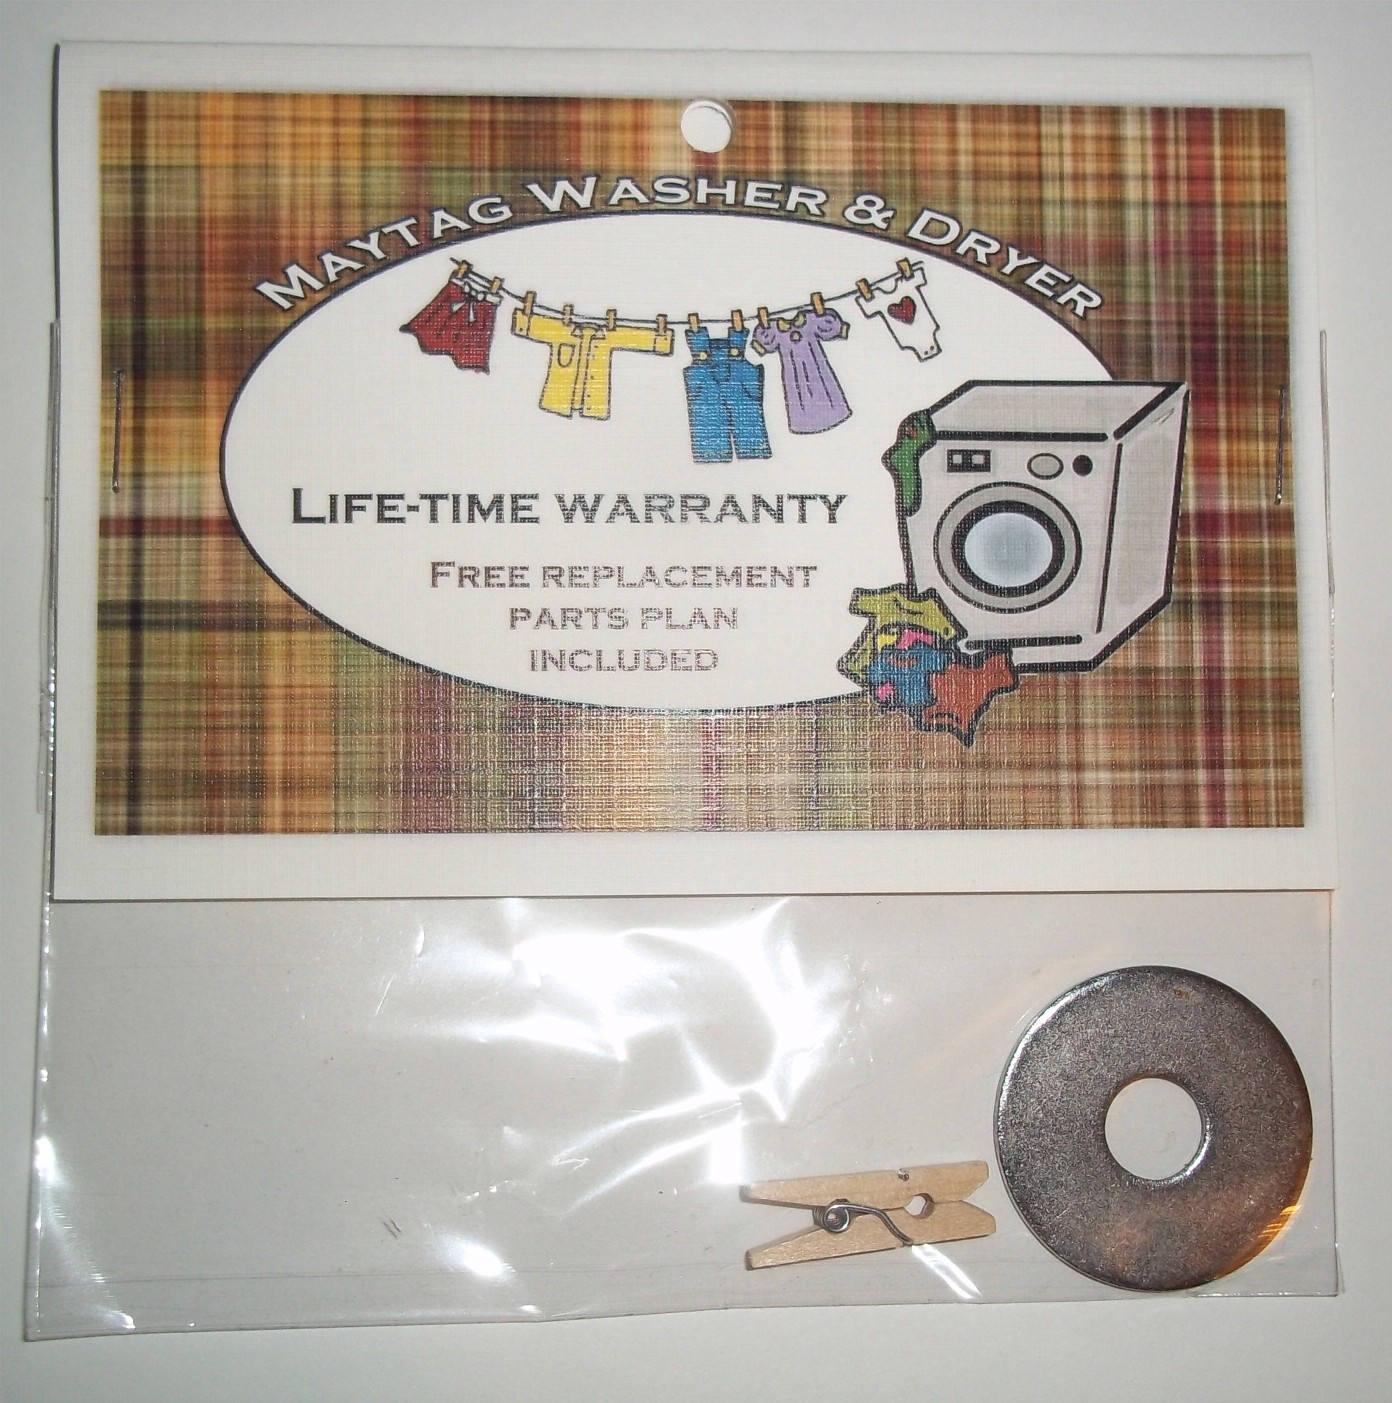 Lustige kleine Geschenke Maytag Waschmaschine und Trockner | Etsy